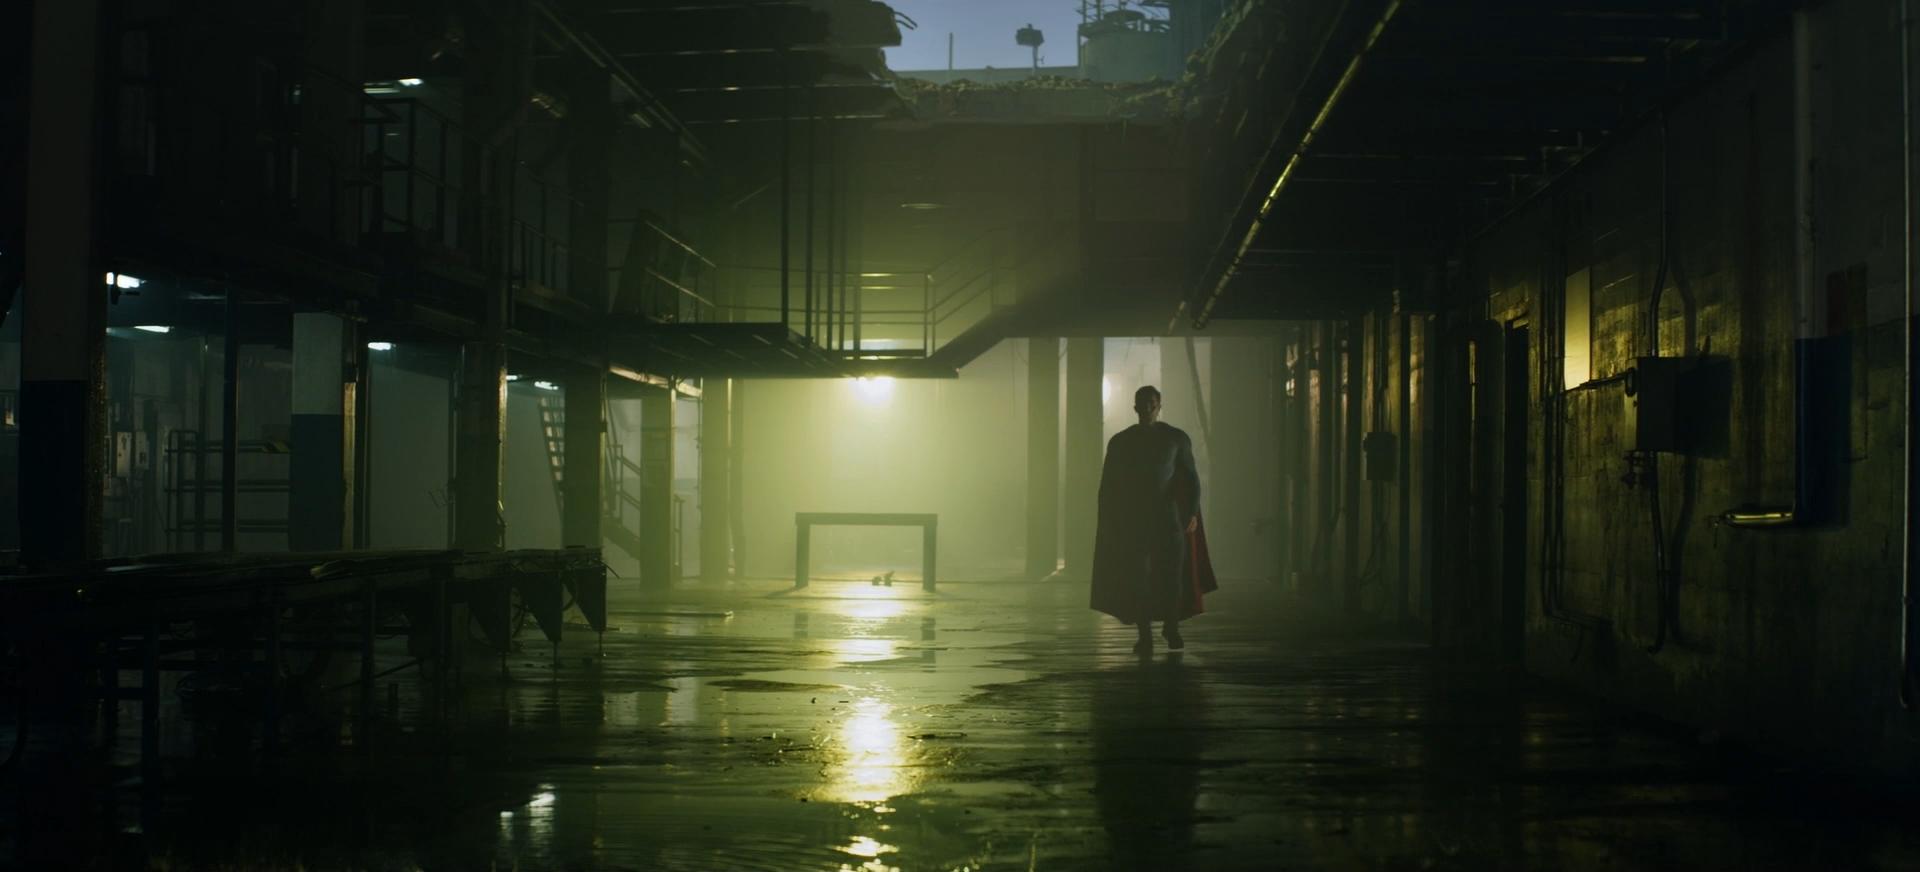 Изображение для Супермен и Лоис / Superman and Lois, Сезон 1, Серии 1-9 из 15 + Спецвыпуск (2021) WEBRip 1080p (кликните для просмотра полного изображения)